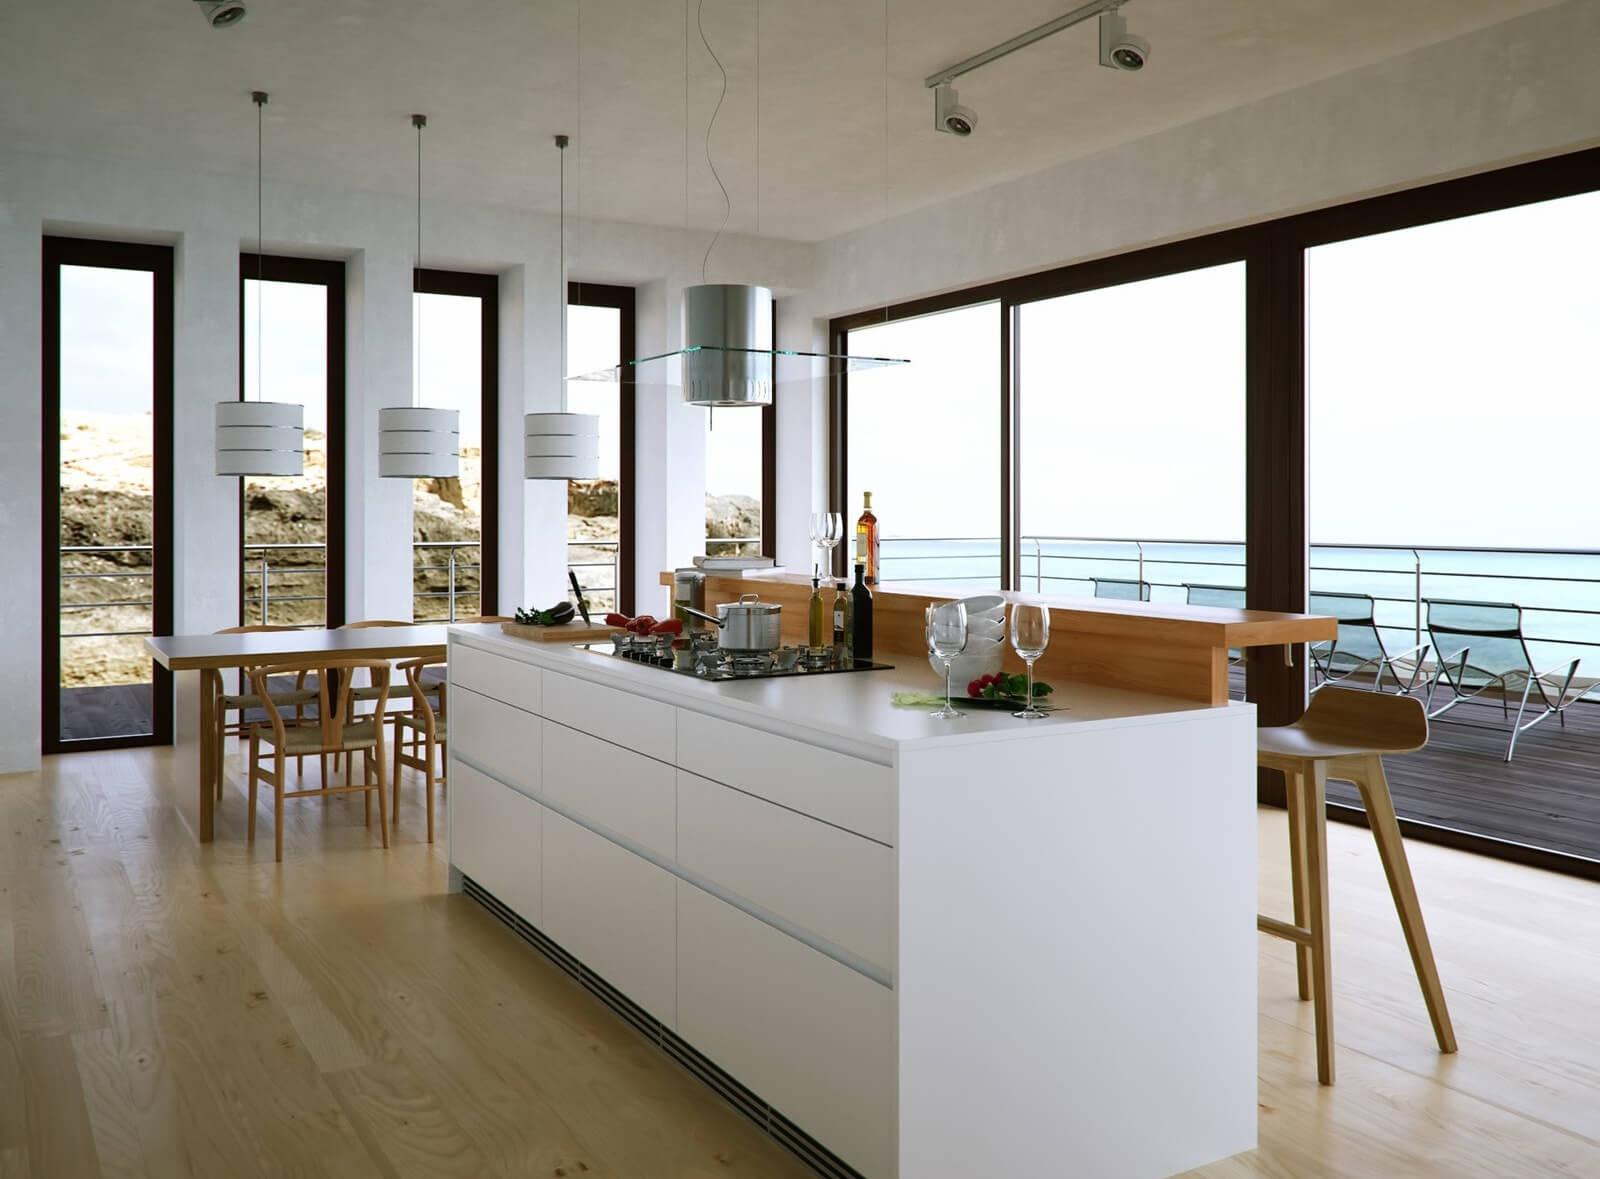 Фото кухни-столовой с барной стойкой